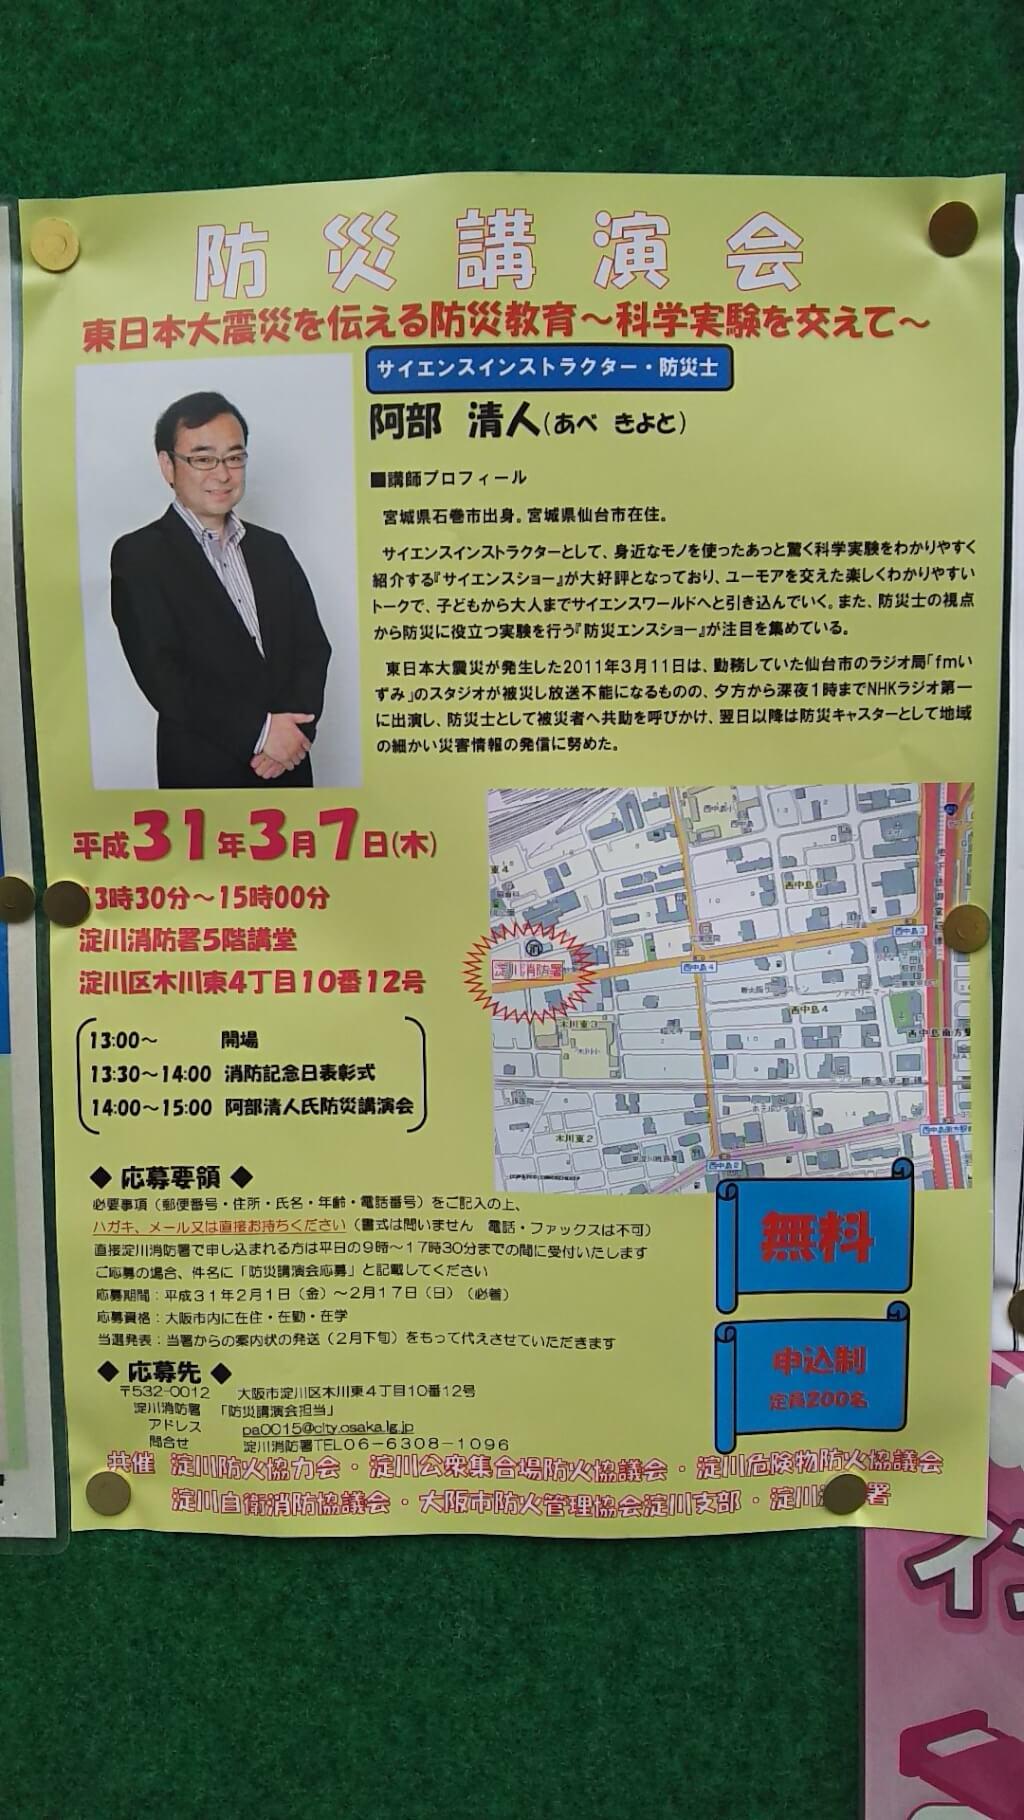 防災講演会 東日本大震災を伝える 防災教育 の お知らせ